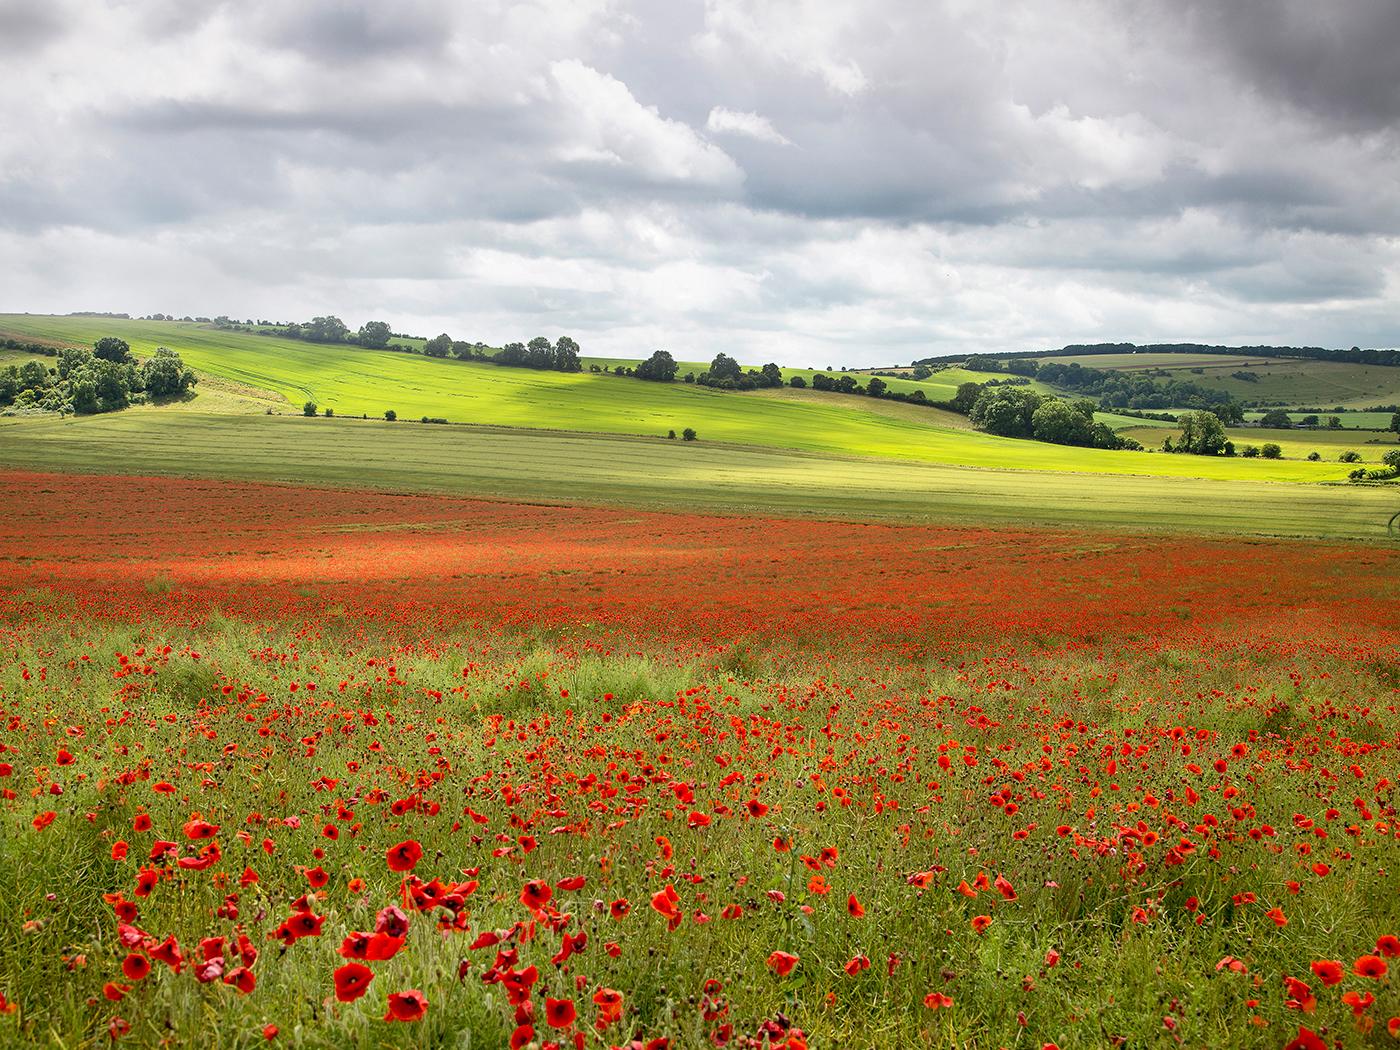 'Poppyscape' by Tony Oliver